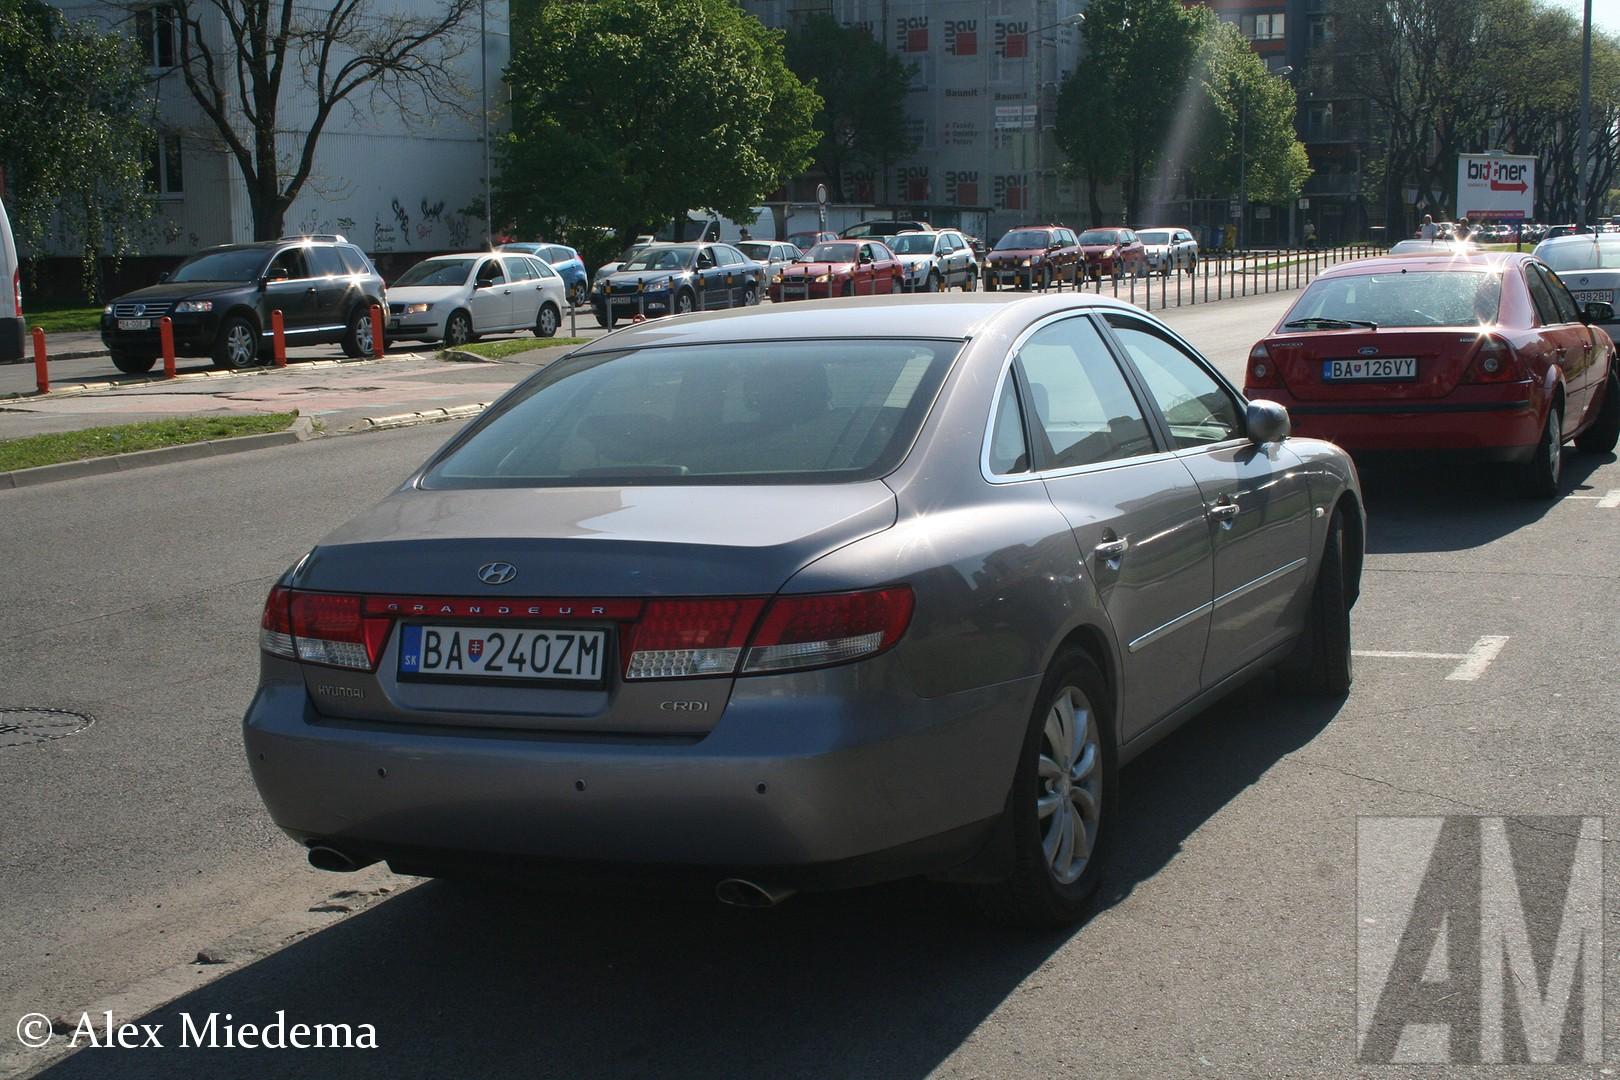 Hyundai Grandeur De Grandeur kwam in 1986 op de markt. Het exemplaar uit deze blogpost is er een van de vierde generatie, die van 2005 tot 2011 in productie was. Hij deelde de bodemplaat met de Hyundai Sonata. In het overgrote deel van de wereld heette deze auto overigens Hyundai Azera, alleen in Australië, Nieuw-Zeeland, Japan en bij ons in Europa luistert hij naar de naam Grandeur.De Grandeur kwam in 1986 op de markt. Het exemplaar uit deze blogpost is er een van de vierde generatie, die van 2005 tot 2011 in productie was. Hij deelde de bodemplaat met de Hyundai Sonata. In het overgrote deel van de wereld heette deze auto overigens Hyundai Azera, alleen in Australië, Nieuw-Zeeland, Japan en bij ons in Europa luistert hij naar de naam Grandeur.De Grandeur kwam in 1986 op de markt. Het exemplaar uit deze blogpost is er een van de vierde generatie, die van 2005 tot 2011 in productie was. Hij deelde de bodemplaat met de Hyundai Sonata. In het overgrote deel van de wereld heette deze auto overigens Hyundai Azera, alleen in Australië, Nieuw-Zeeland, Japan en bij ons in Europa luistert hij naar de naam Grandeur.De Grandeur kwam in 1986 op de markt. Het exemplaar uit deze blogpost is er een van de vierde generatie, die van 2005 tot 2011 in productie was. Hij deelde de bodemplaat met de Hyundai Sonata. In het overgrote deel van de wereld heette deze auto overigens Hyundai Azera, alleen in Australië, Nieuw-Zeeland, Japan en bij ons in Europa luistert hij naar de naam Grandeur.De Grandeur kwam in 1986 op de markt. Het exemplaar uit deze blogpost is er een van de vierde generatie, die van 2005 tot 2011 in productie was. Hij deelde de bodemplaat met de Hyundai Sonata. In het overgrote deel van de wereld heette deze auto overigens Hyundai Azera, alleen in Australië, Nieuw-Zeeland, Japan en bij ons in Europa luistert hij naar de naam Grandeur.De Grandeur kwam in 1986 op de markt. Het exemplaar uit deze blogpost is er een van de vierde generatie, die van 2005 tot 2011 in producti